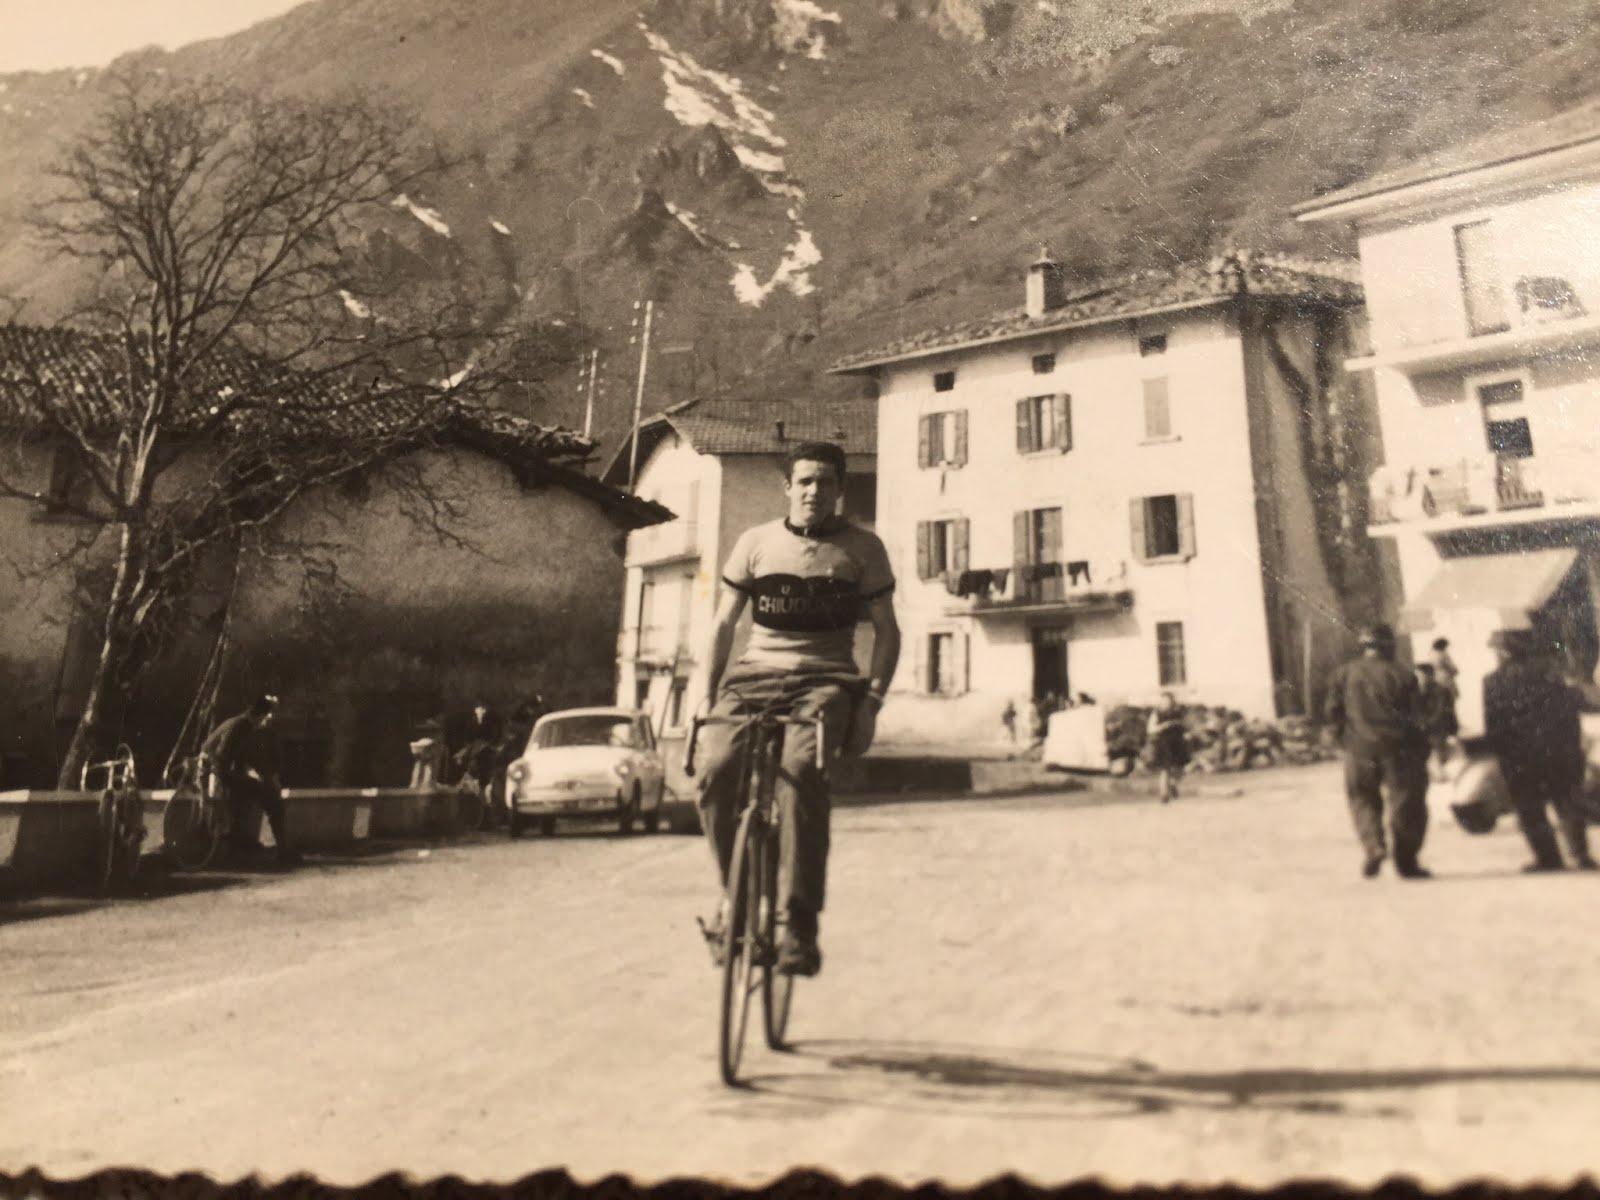 Biking in the Sixties